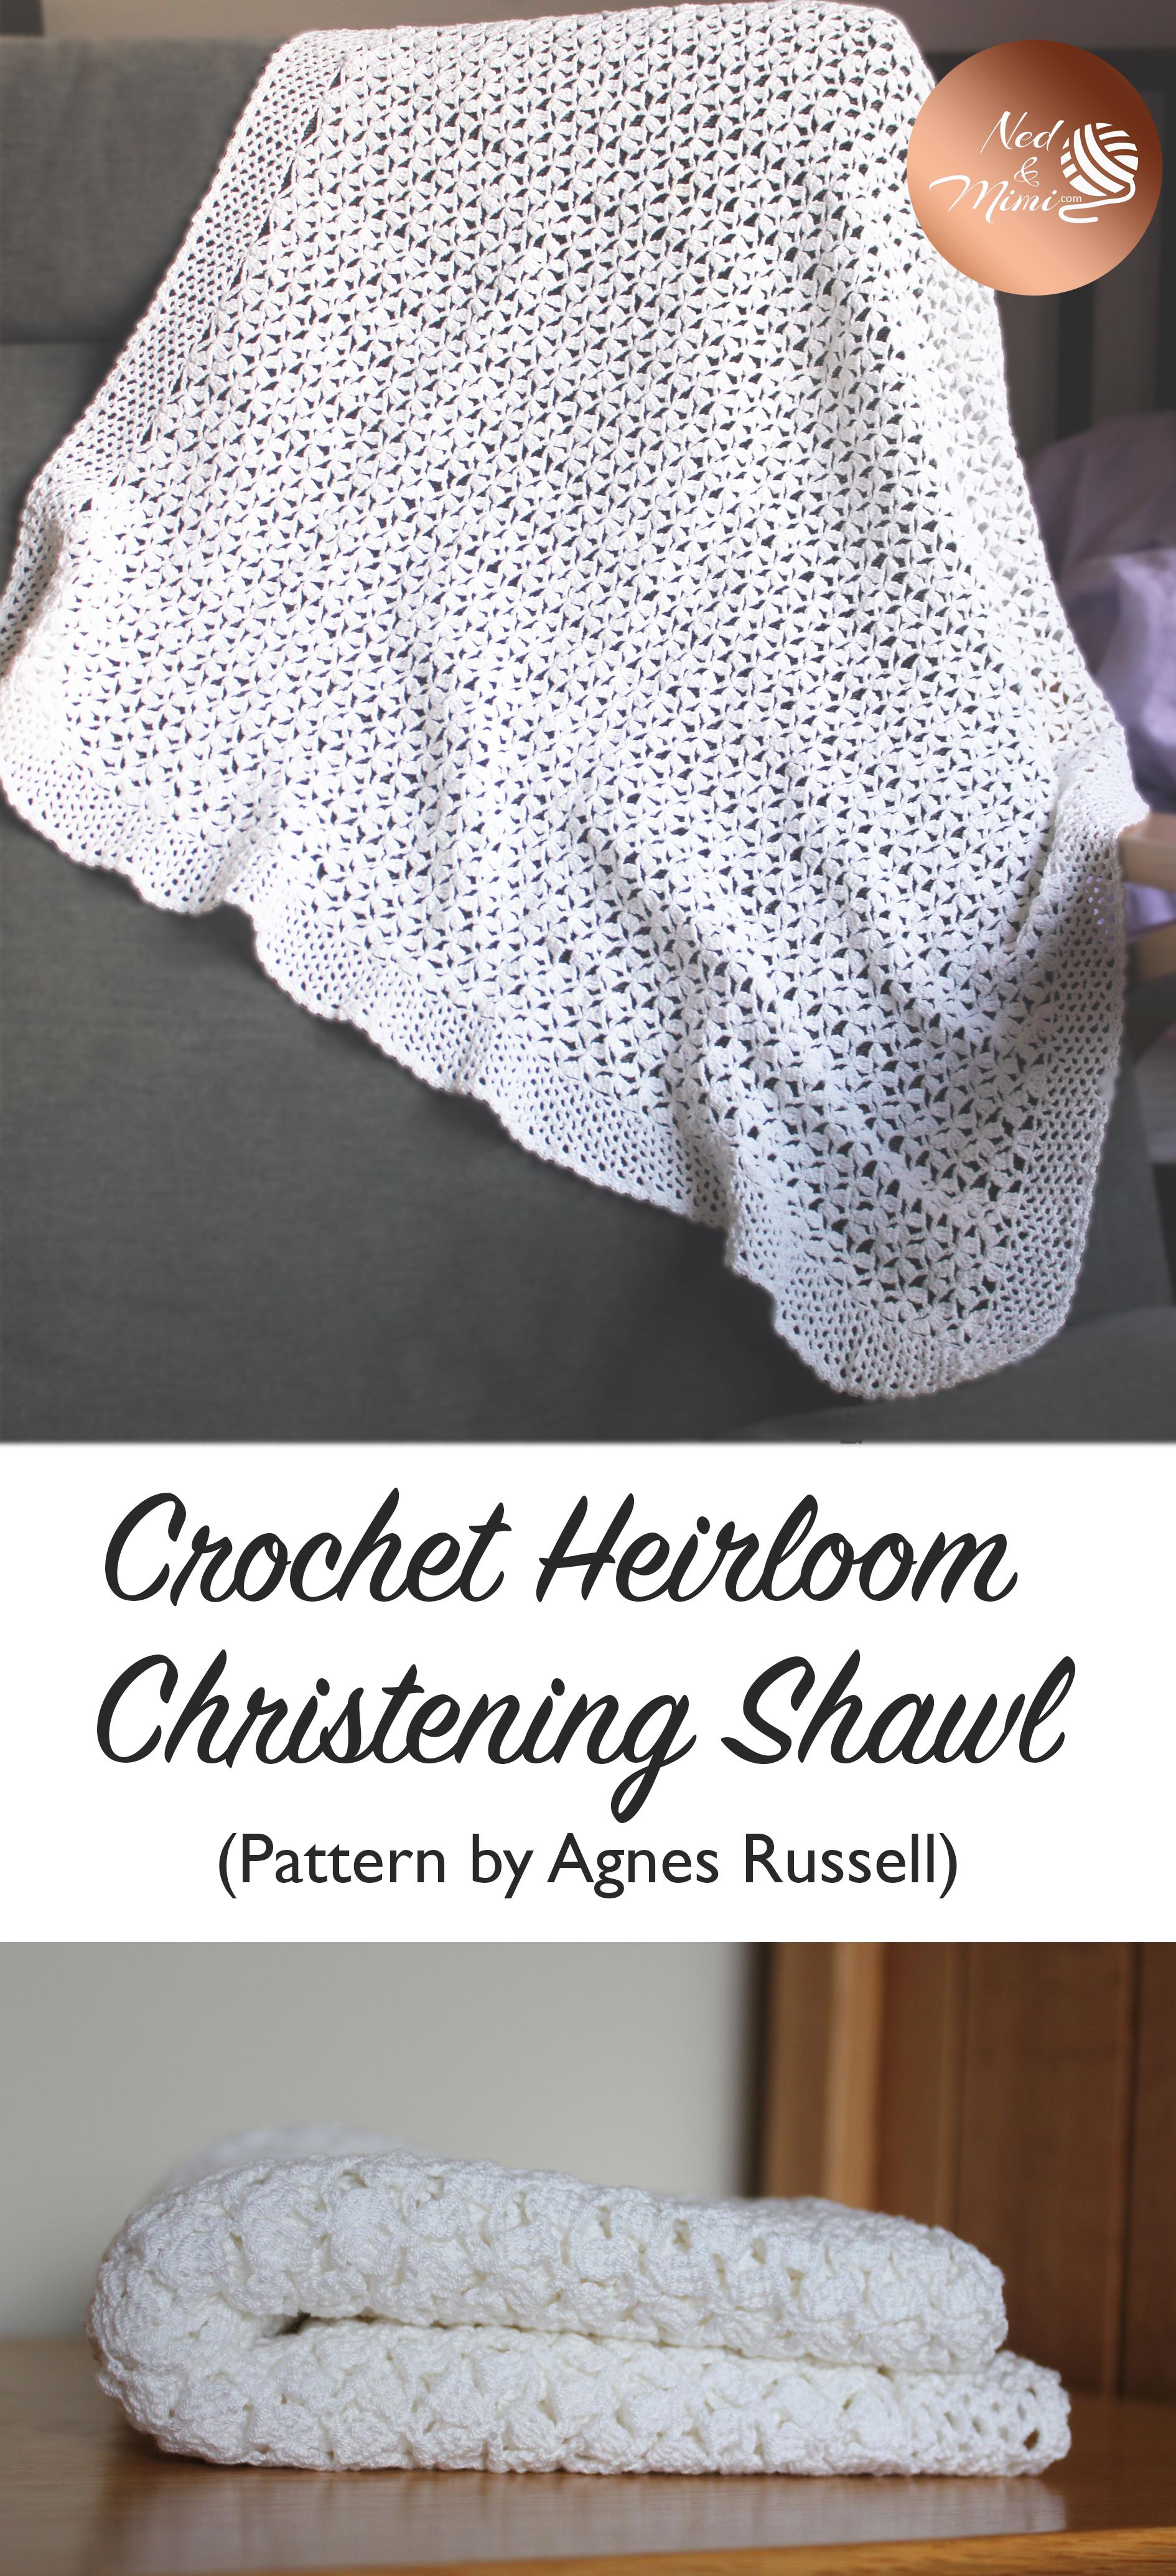 Crochet Heirloom Christening Shawl | Ned & Mimi | Crochet ...